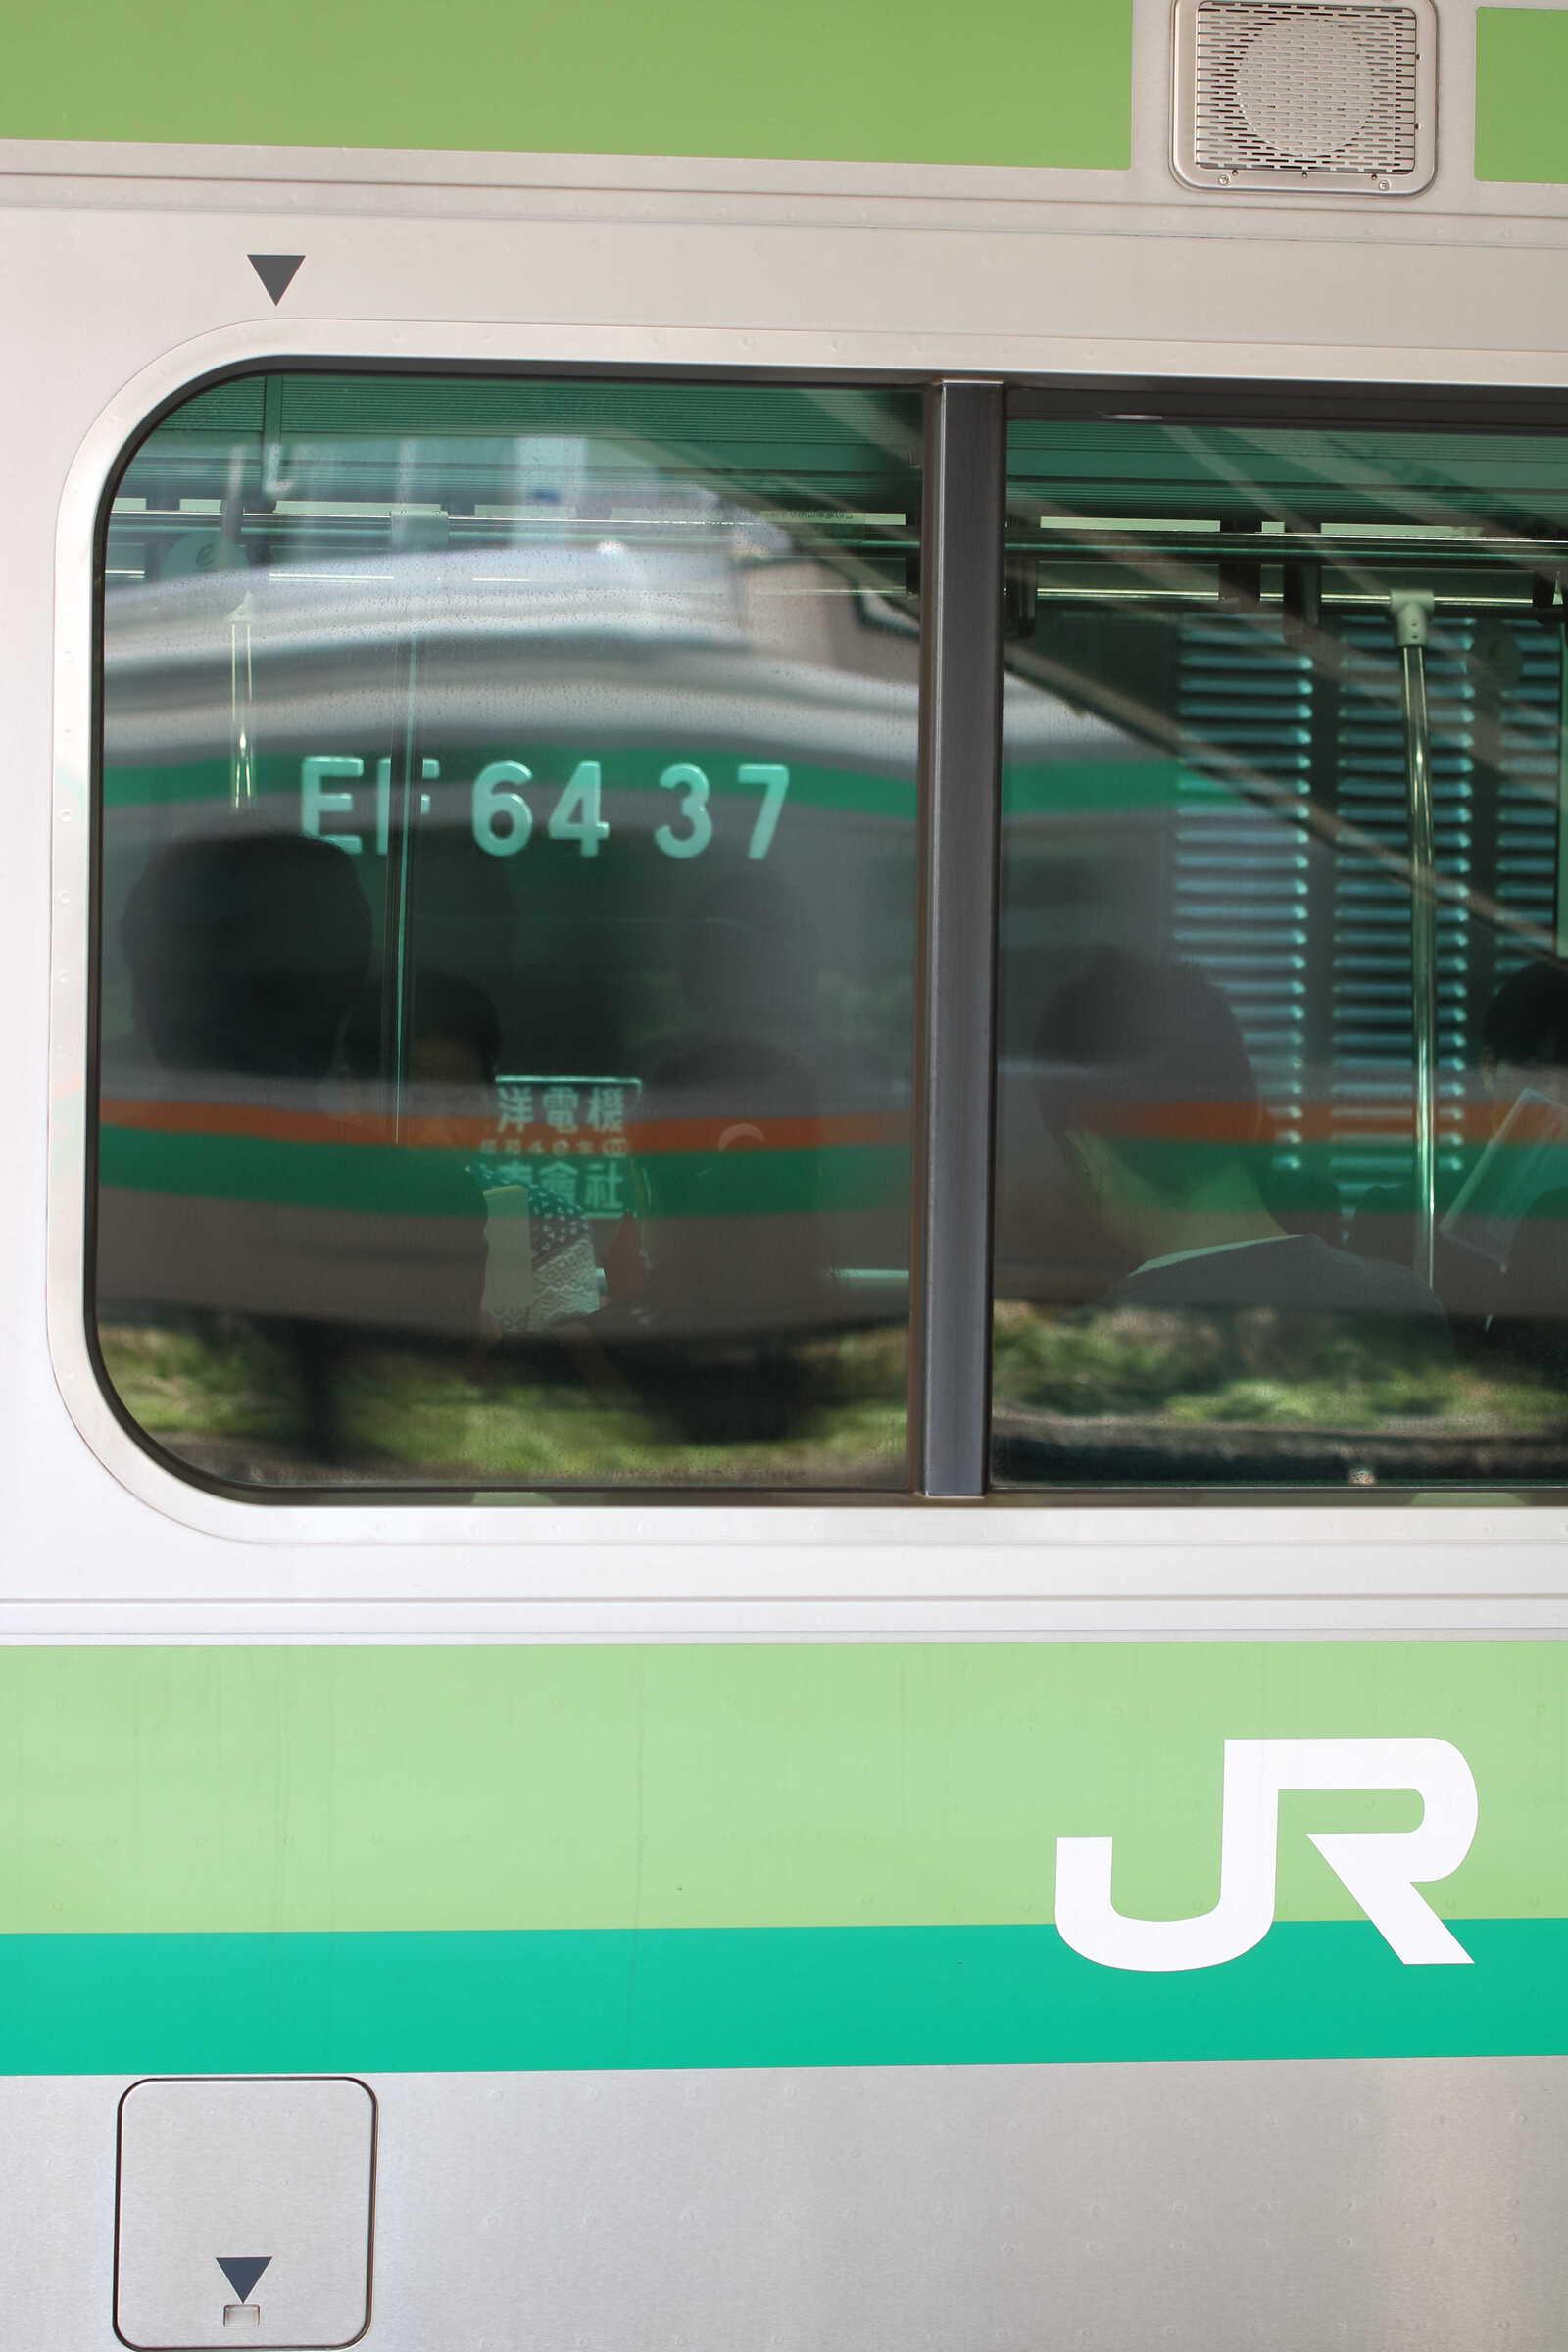 単9486列車〜単9487列車 甲府運輸区横浜線ハンドル訓練 EF64-37[高]